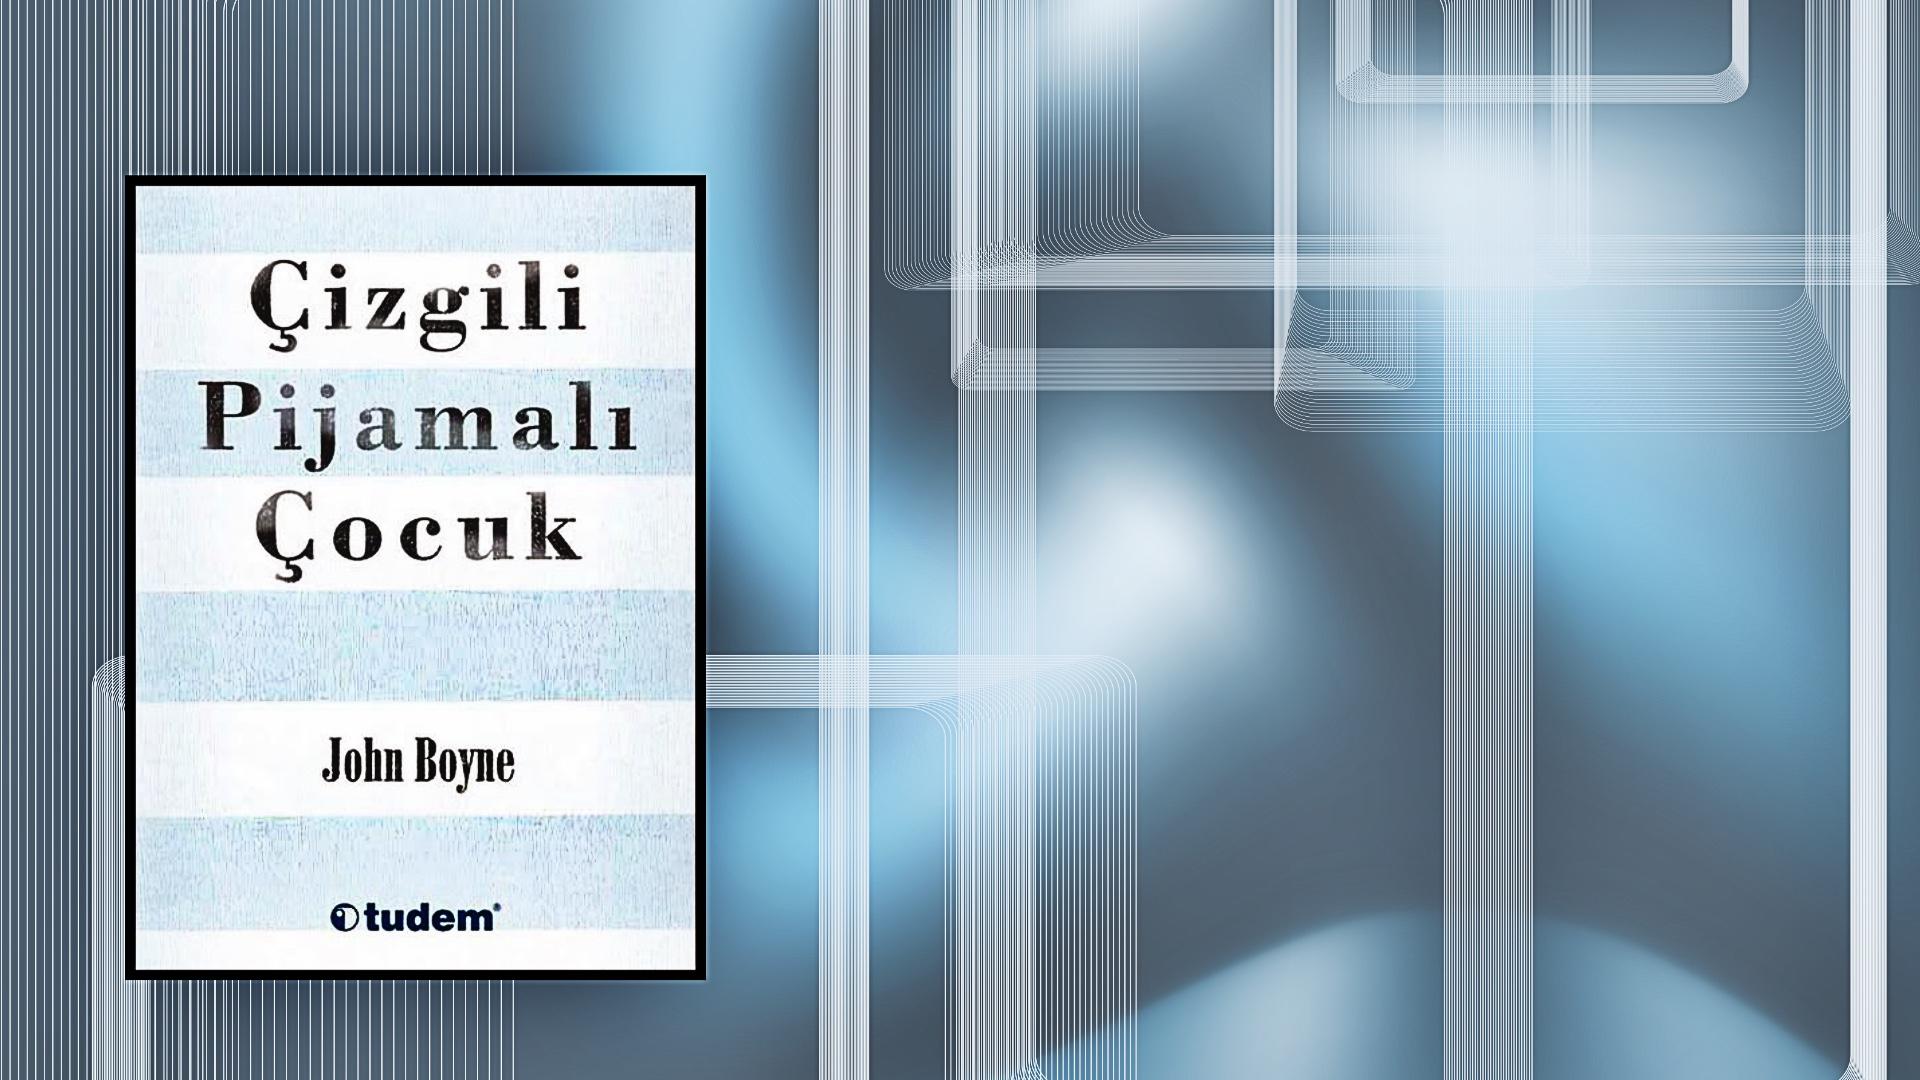 Kitap: Çizgili Pijamalı Çocuk | Yazar: John Boyne | Yorumlayan: Kübra Mısırlı Keskin